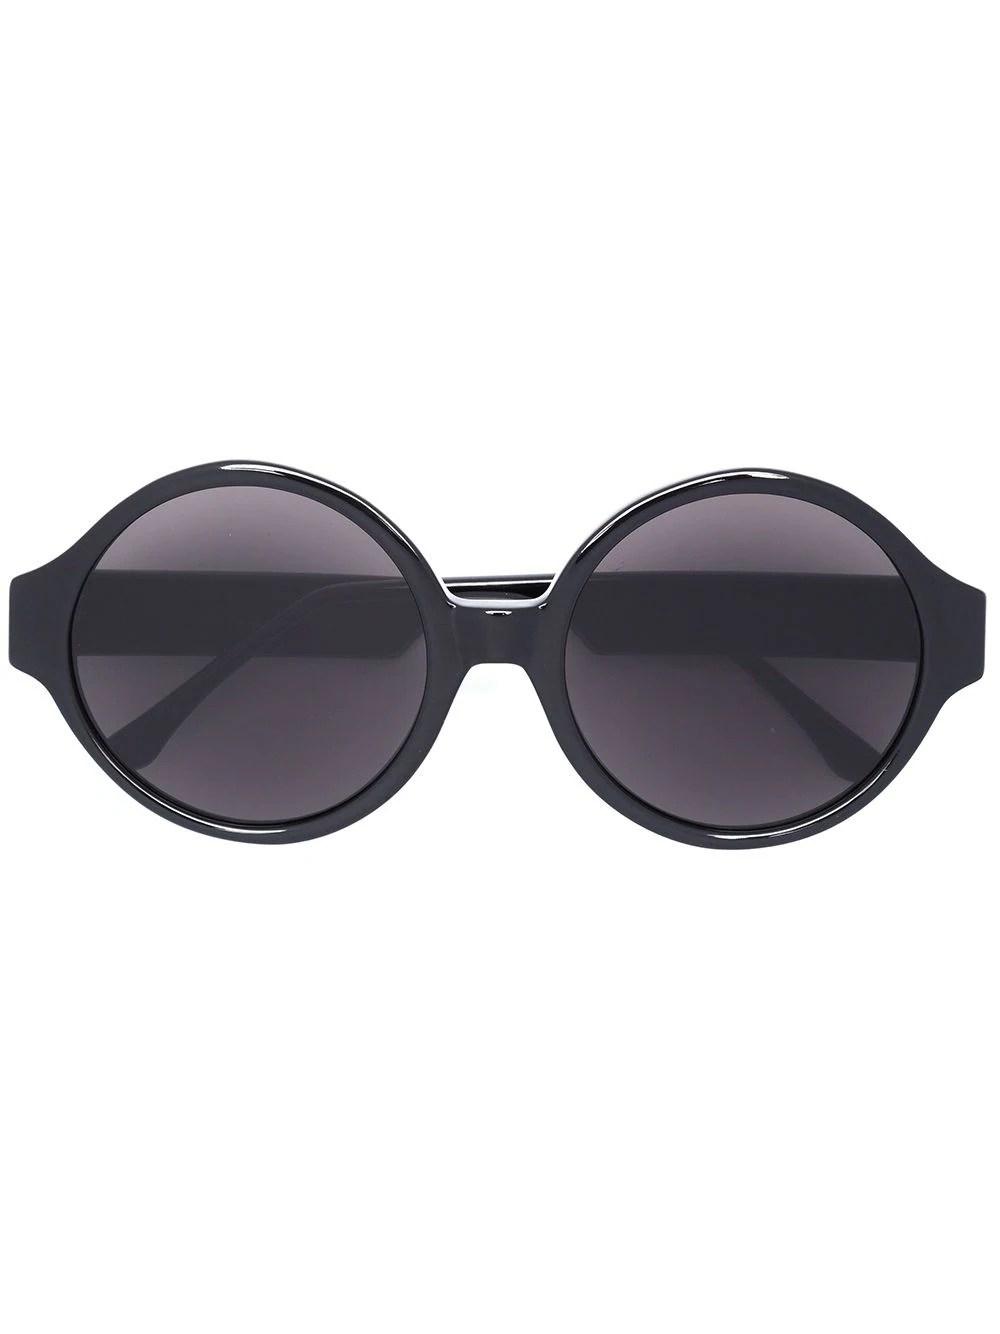 Vera Wang oversized round sunglasses